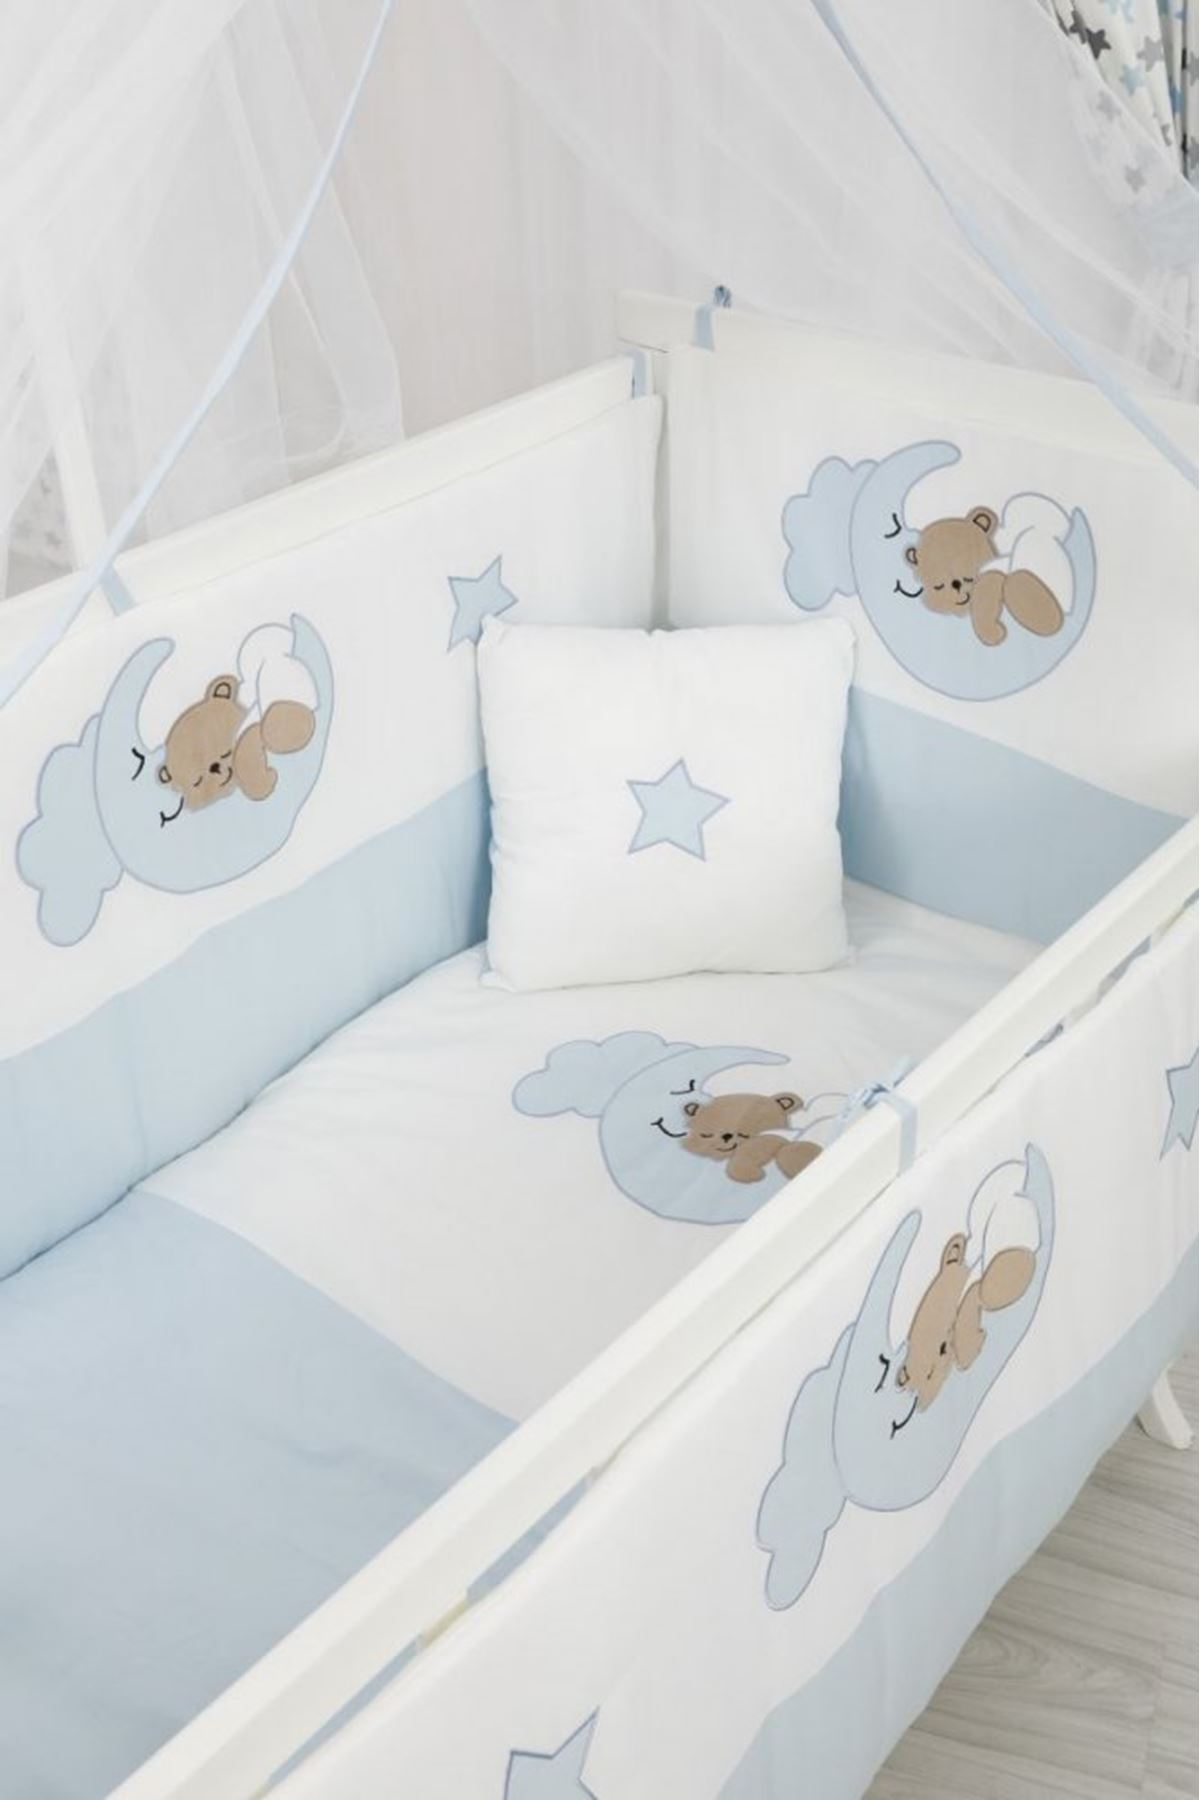 Mavi Ayıcıklı Uyku Seti Karyola Beşik İçin